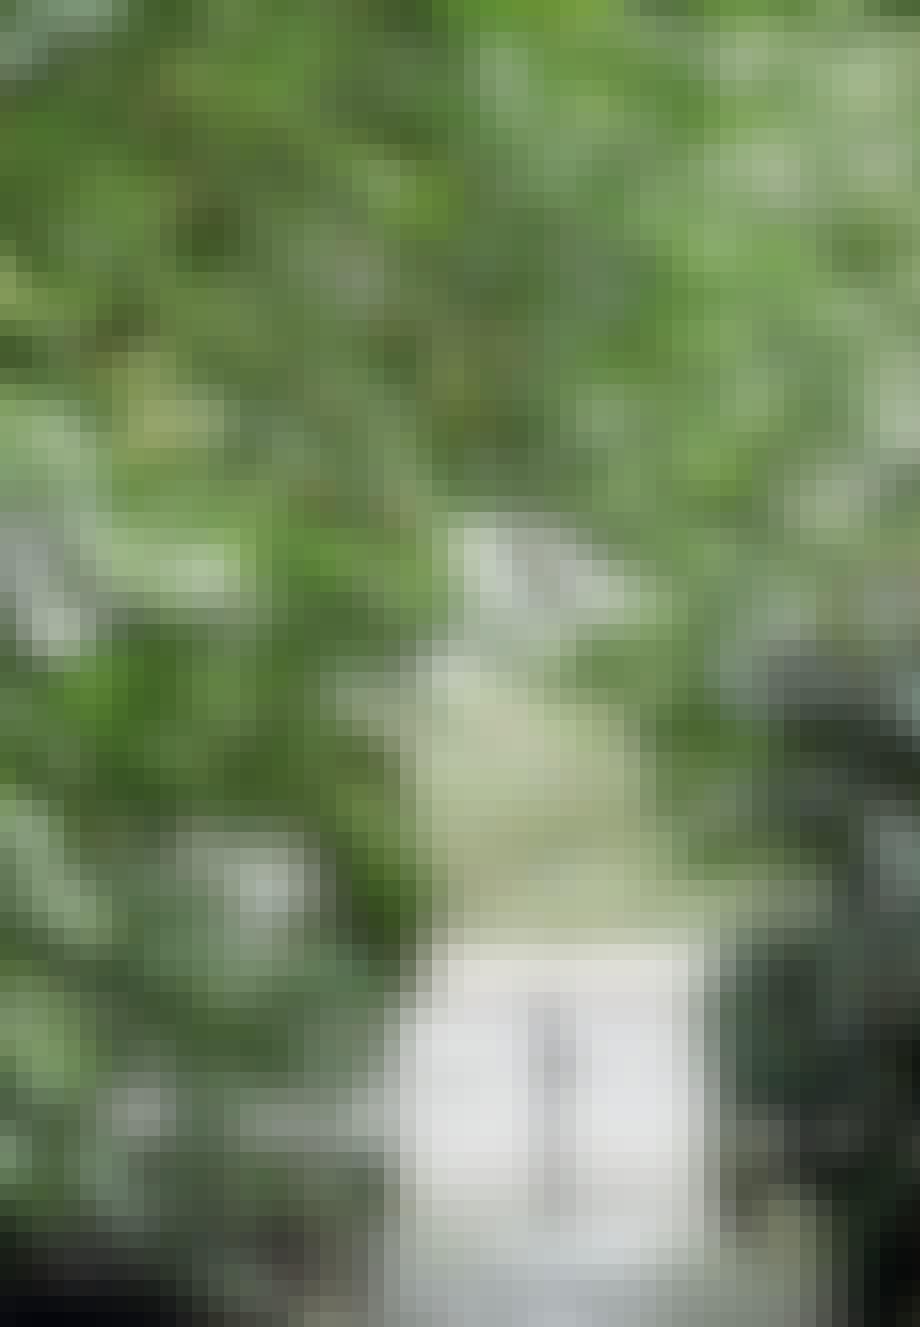 Grøn bue og åbning ind til huset